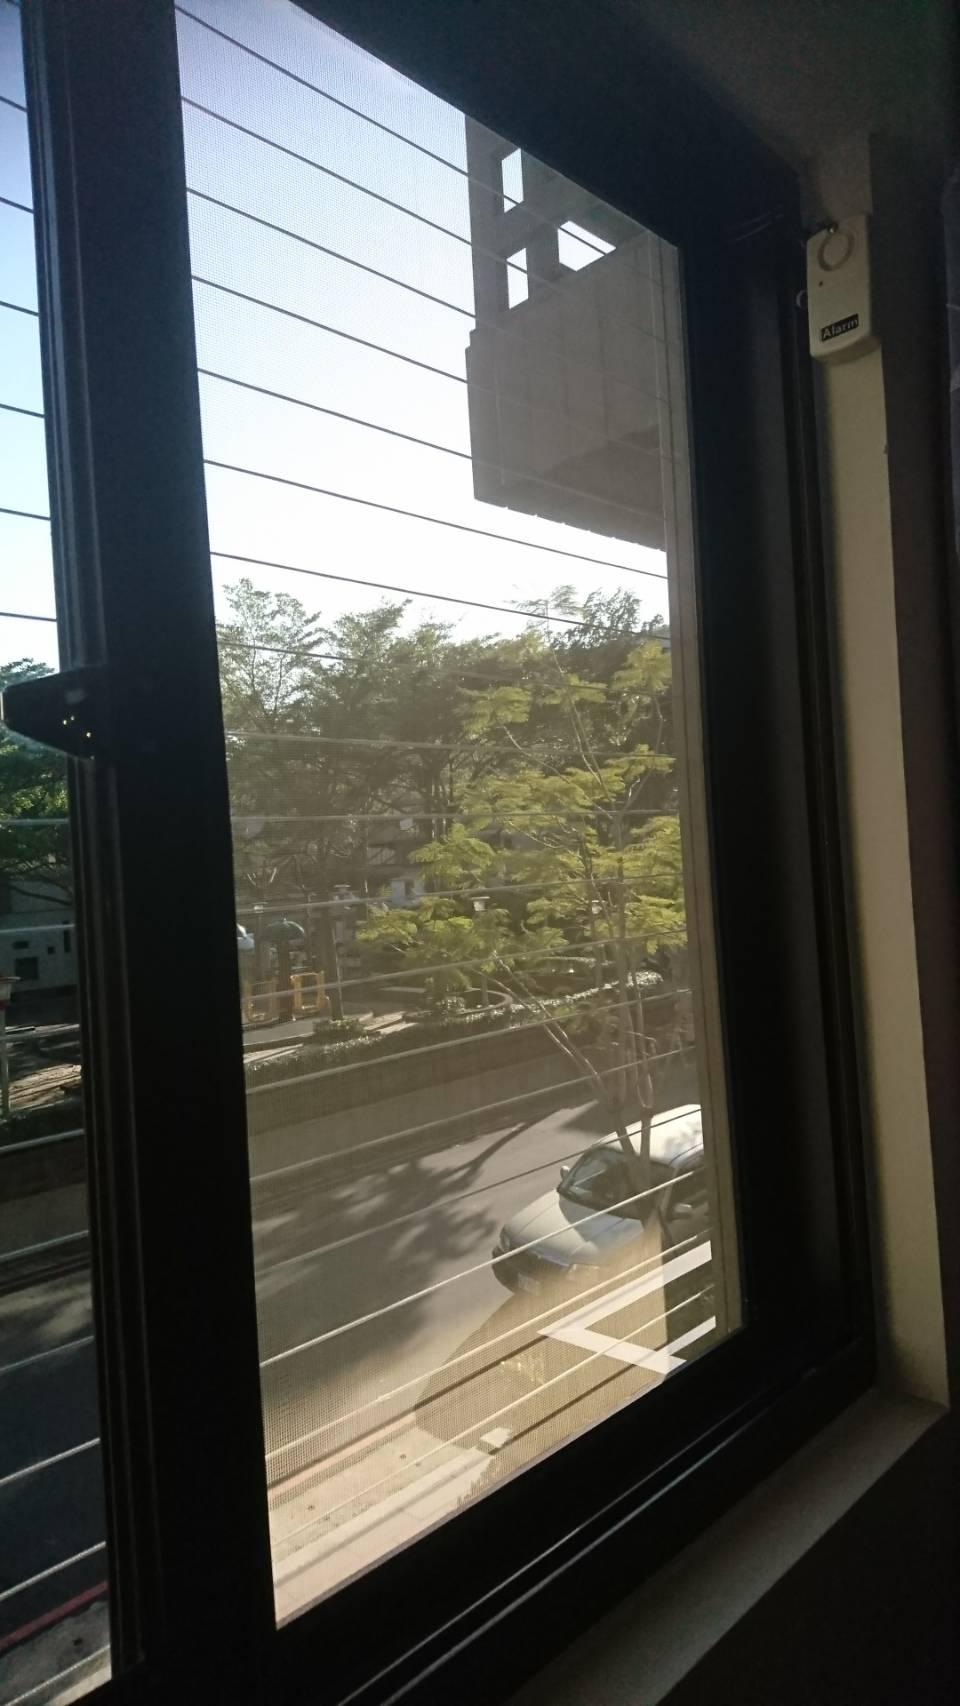 隱形鐵窗可以安裝警報器 同時擁有防墜跟防盜功能-大旭隱形鐵窗